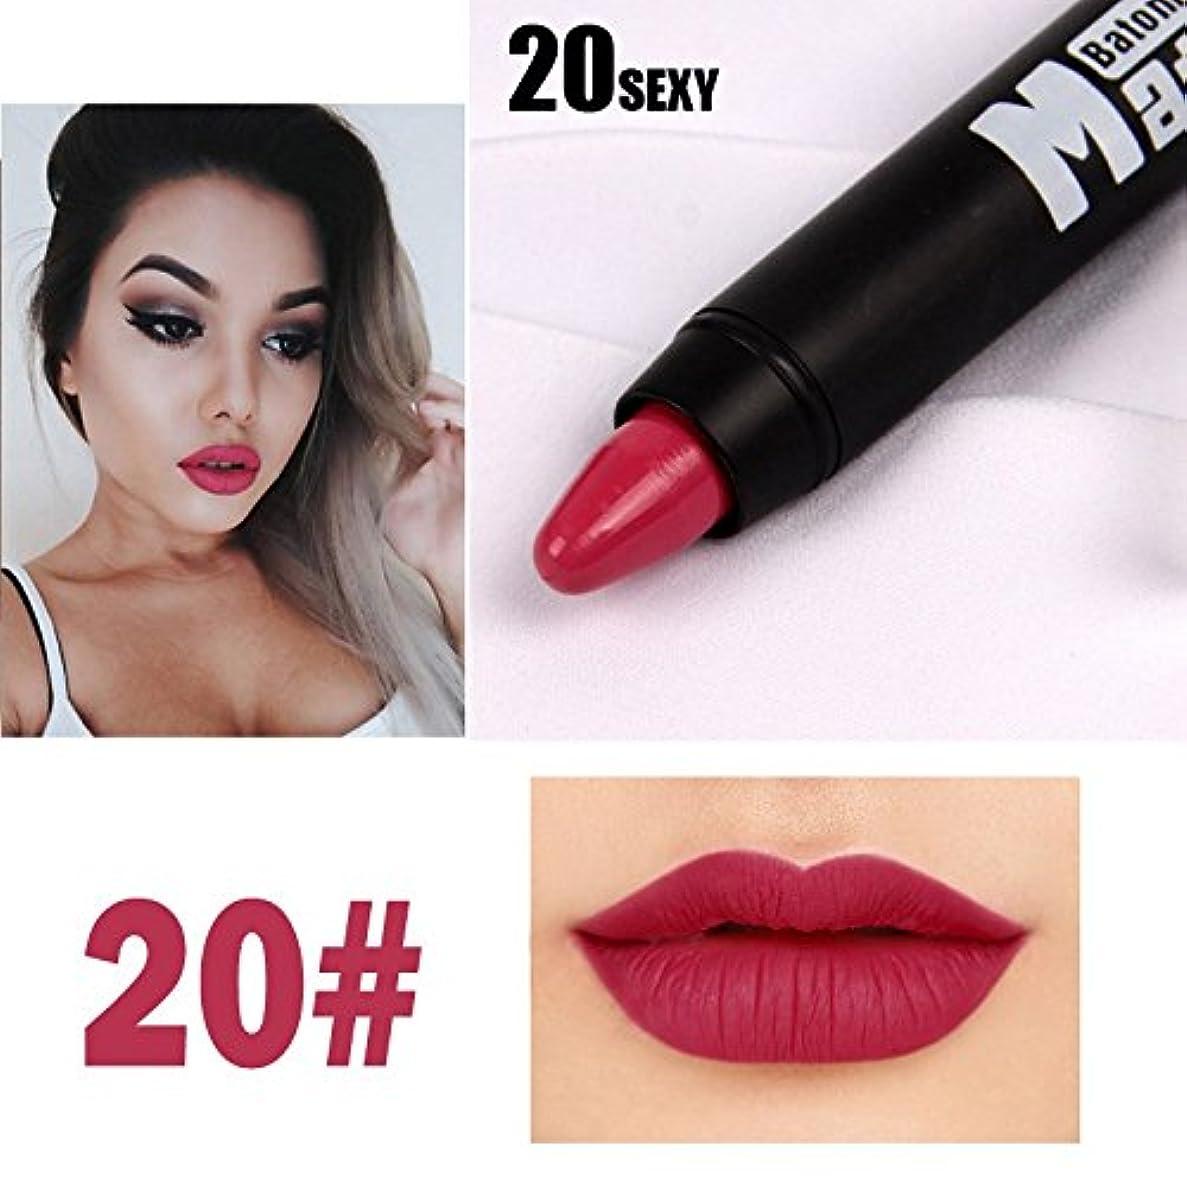 溶接安全レーニン主義MISS ROSE Professional Women Waterproof Lipstick Lips Cream Beauty Lote Batom Matte Lipstick Nude Pencils Makeup